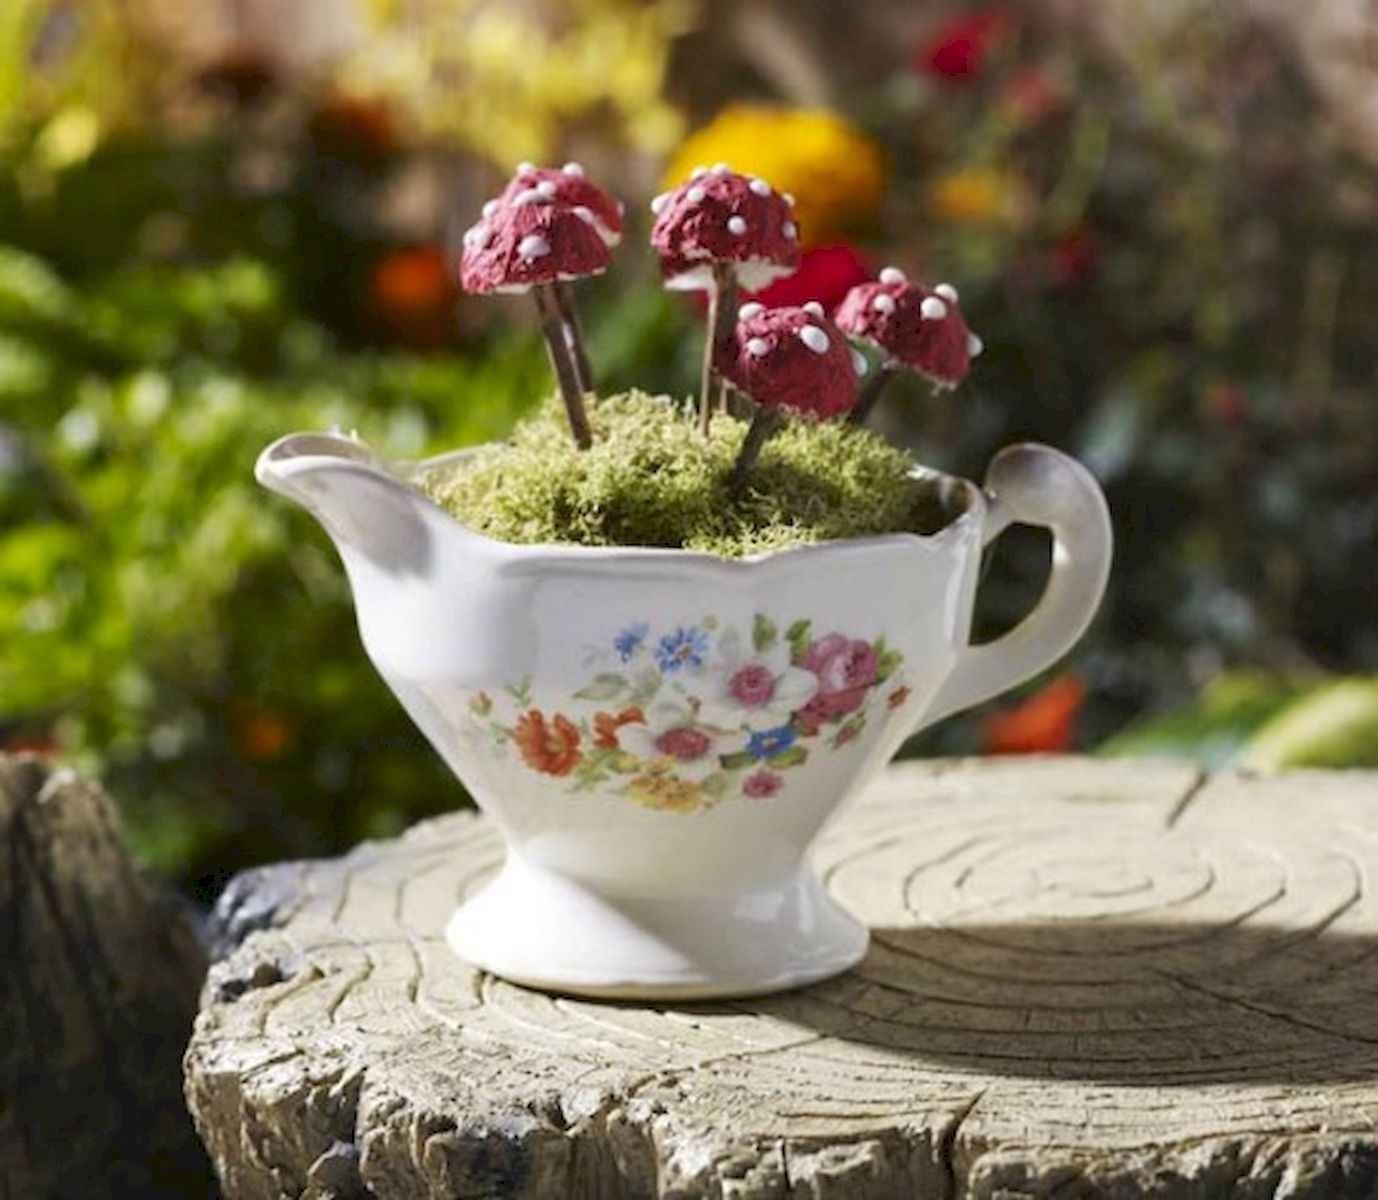 50 DIY Summer Garden Teacup Fairy Garden Ideas 50 DIY Summer Garden Teacup Fairy Garden Ideas garden